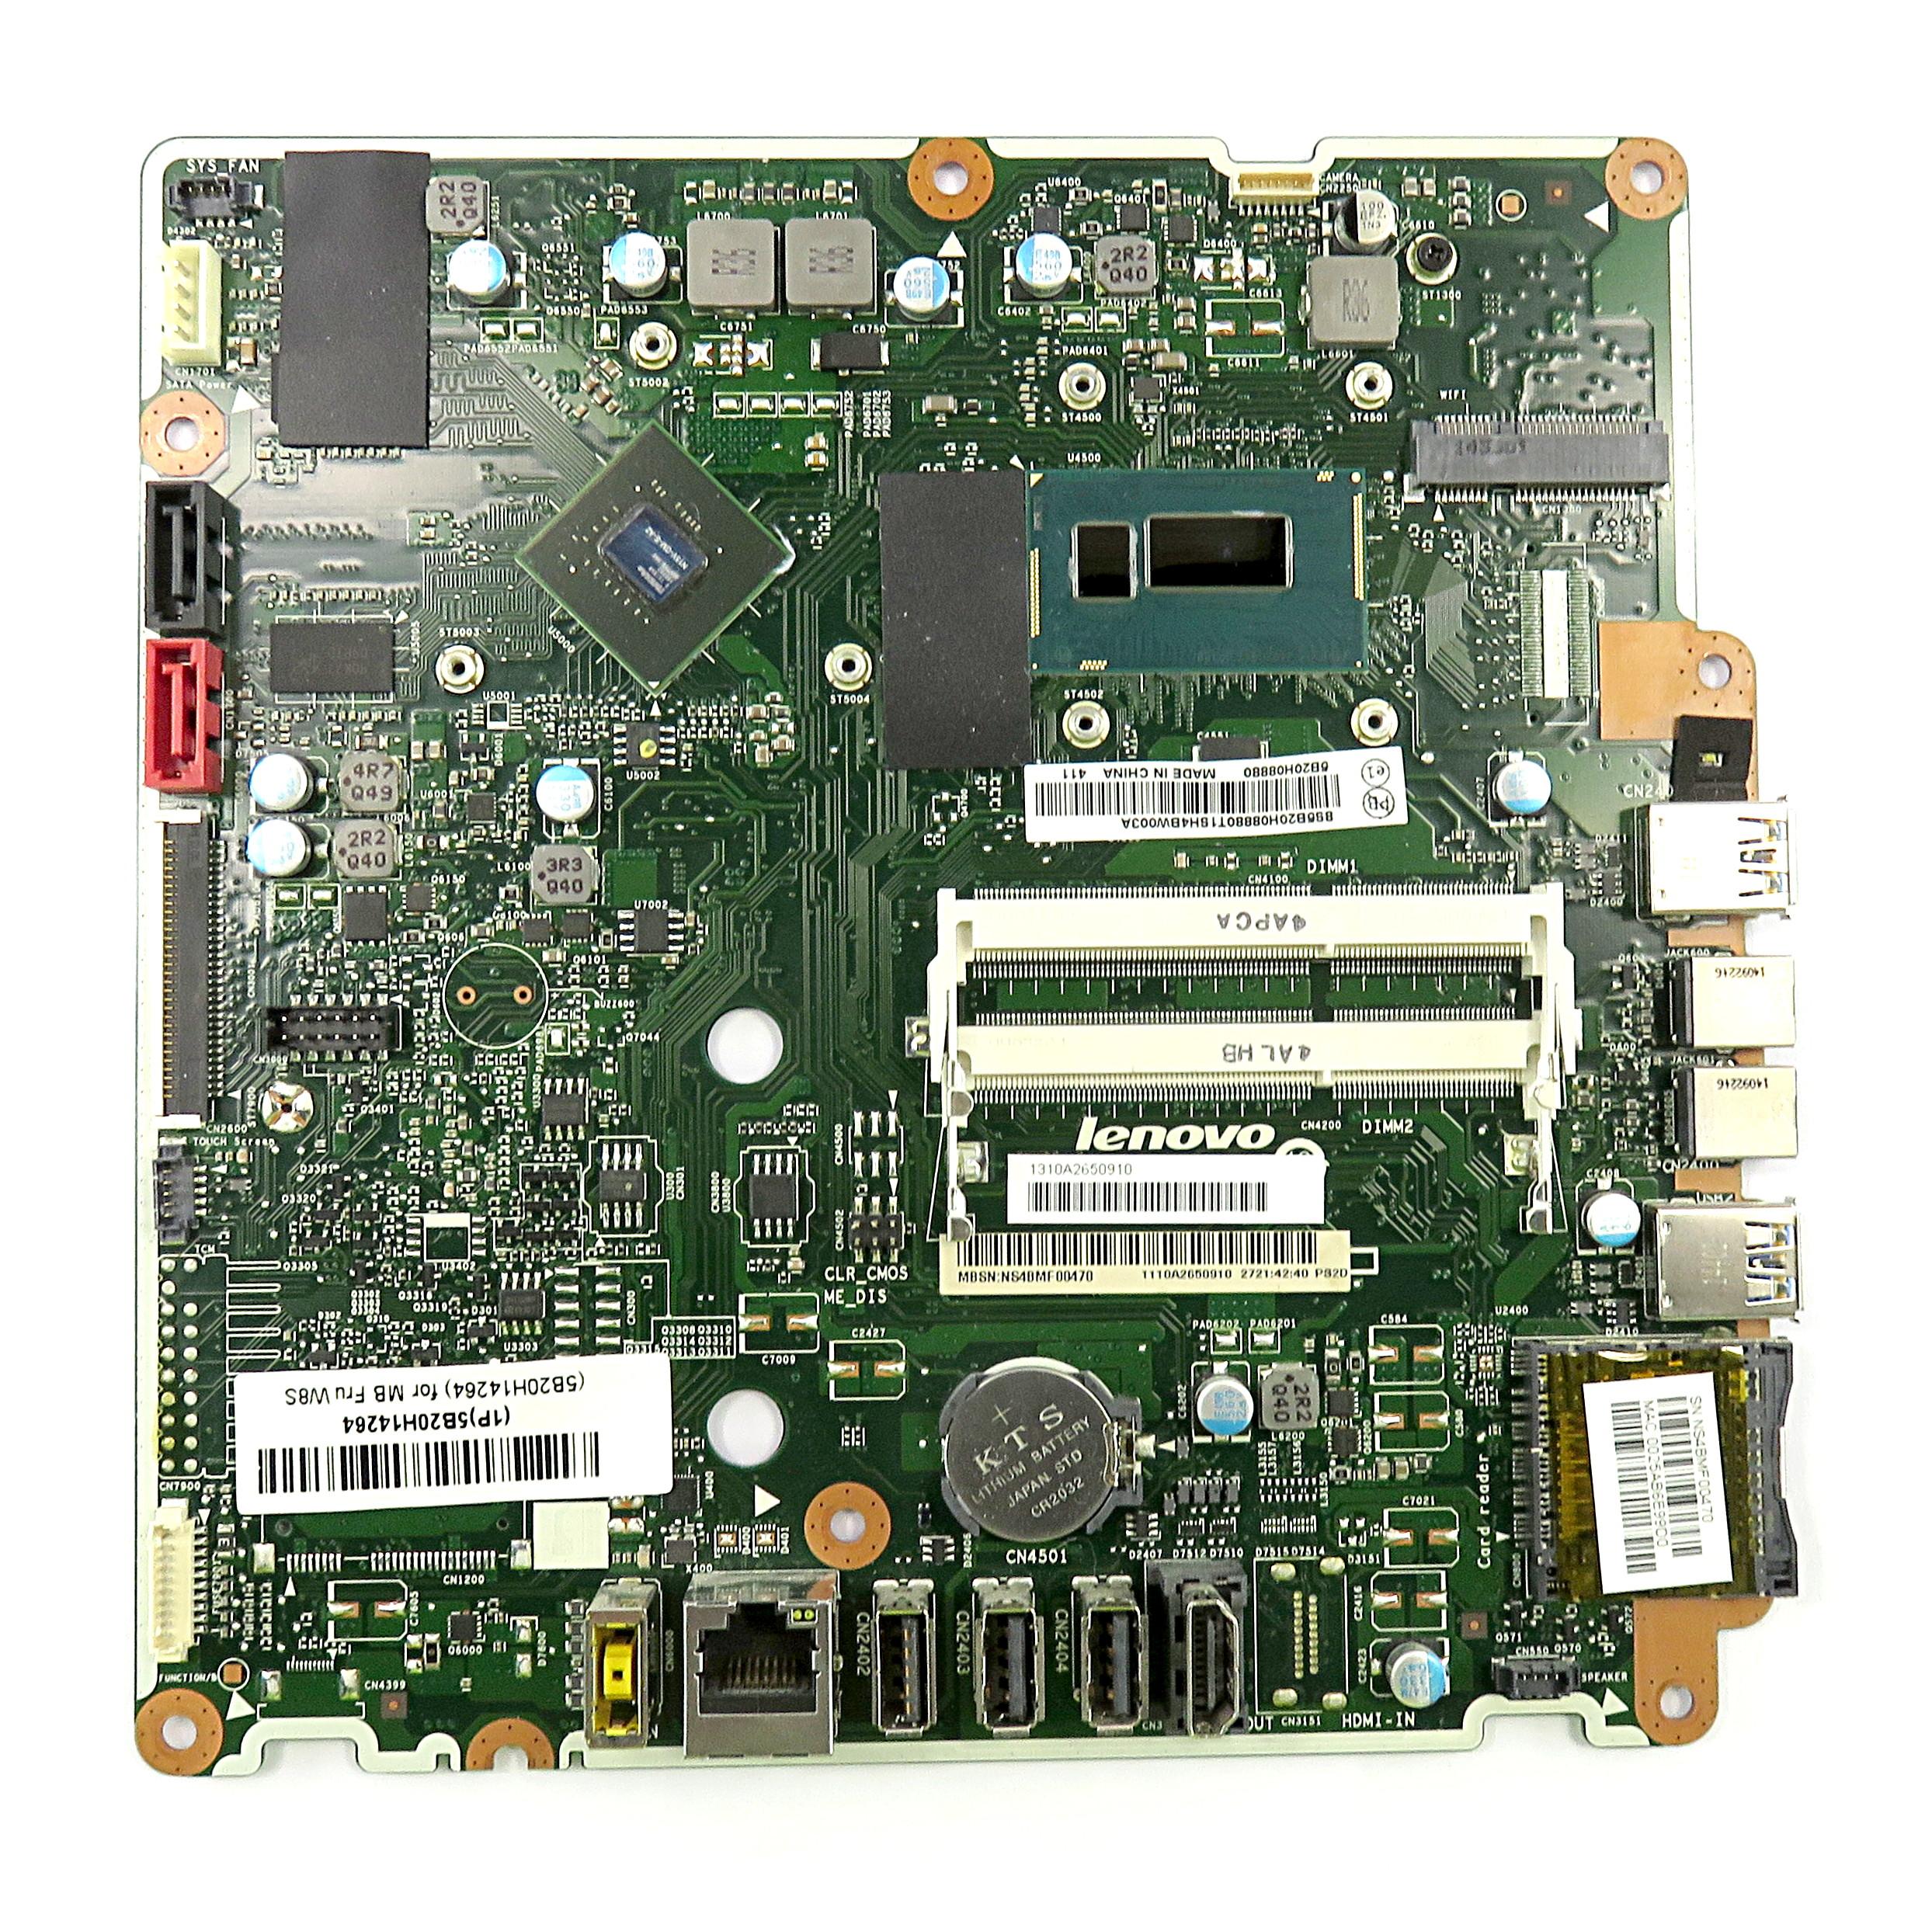 Lenovo 5B20H14264 Motherboard 1310A2650910 f/ C40-30 AiO PC w/ Pentium 3558U CPU